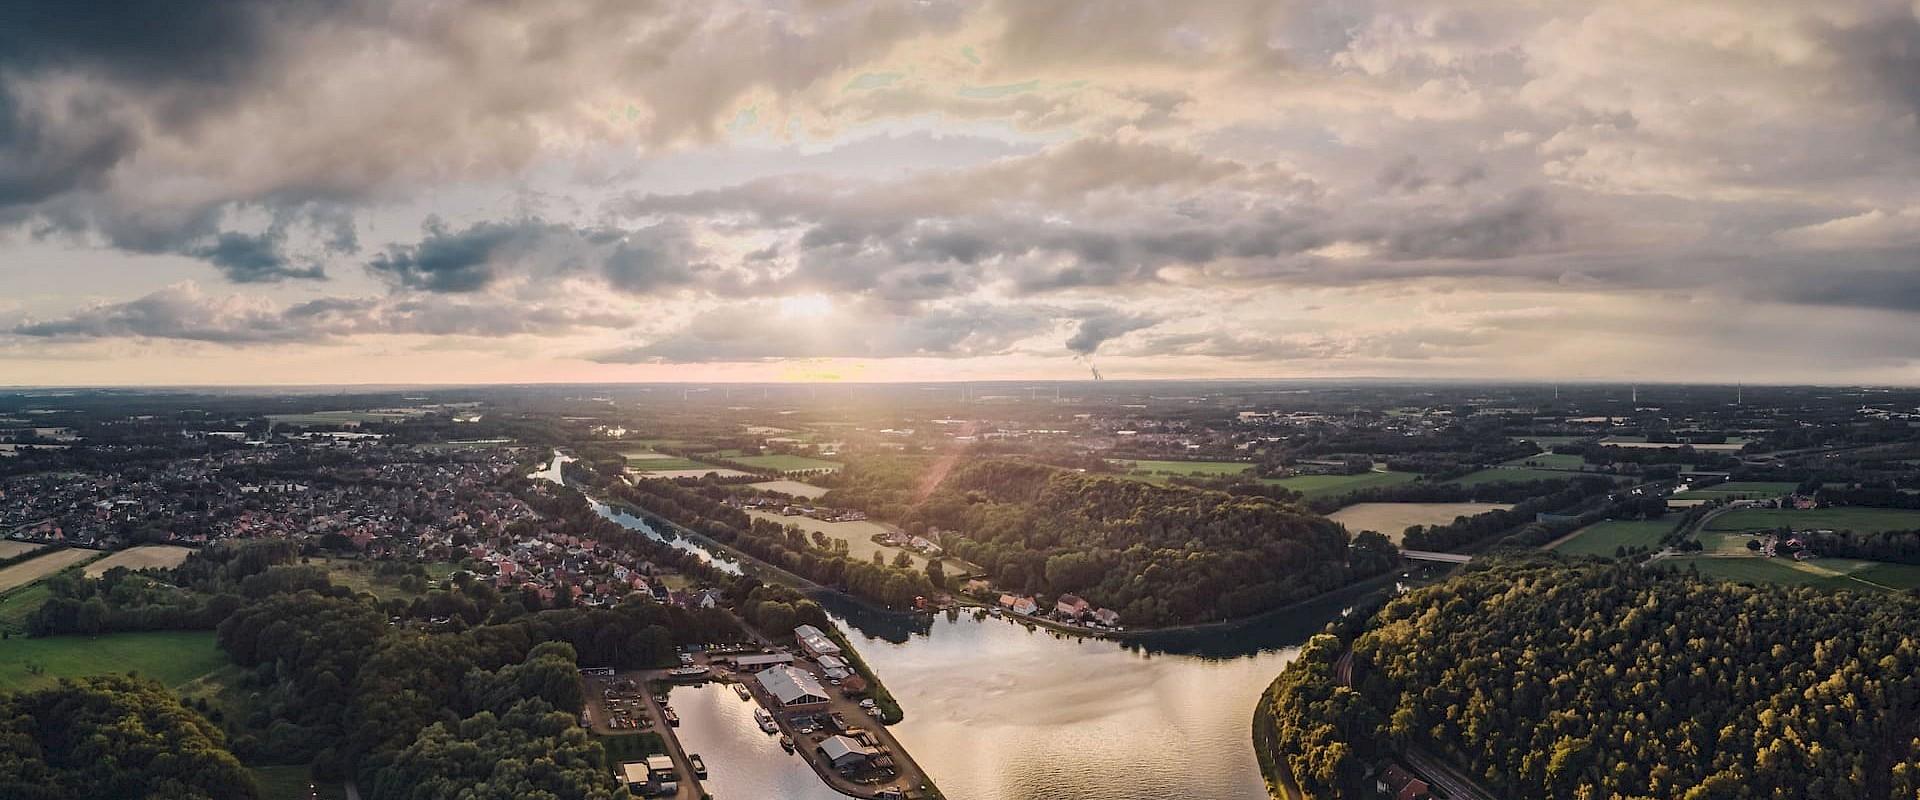 Hörstel im Münsterland